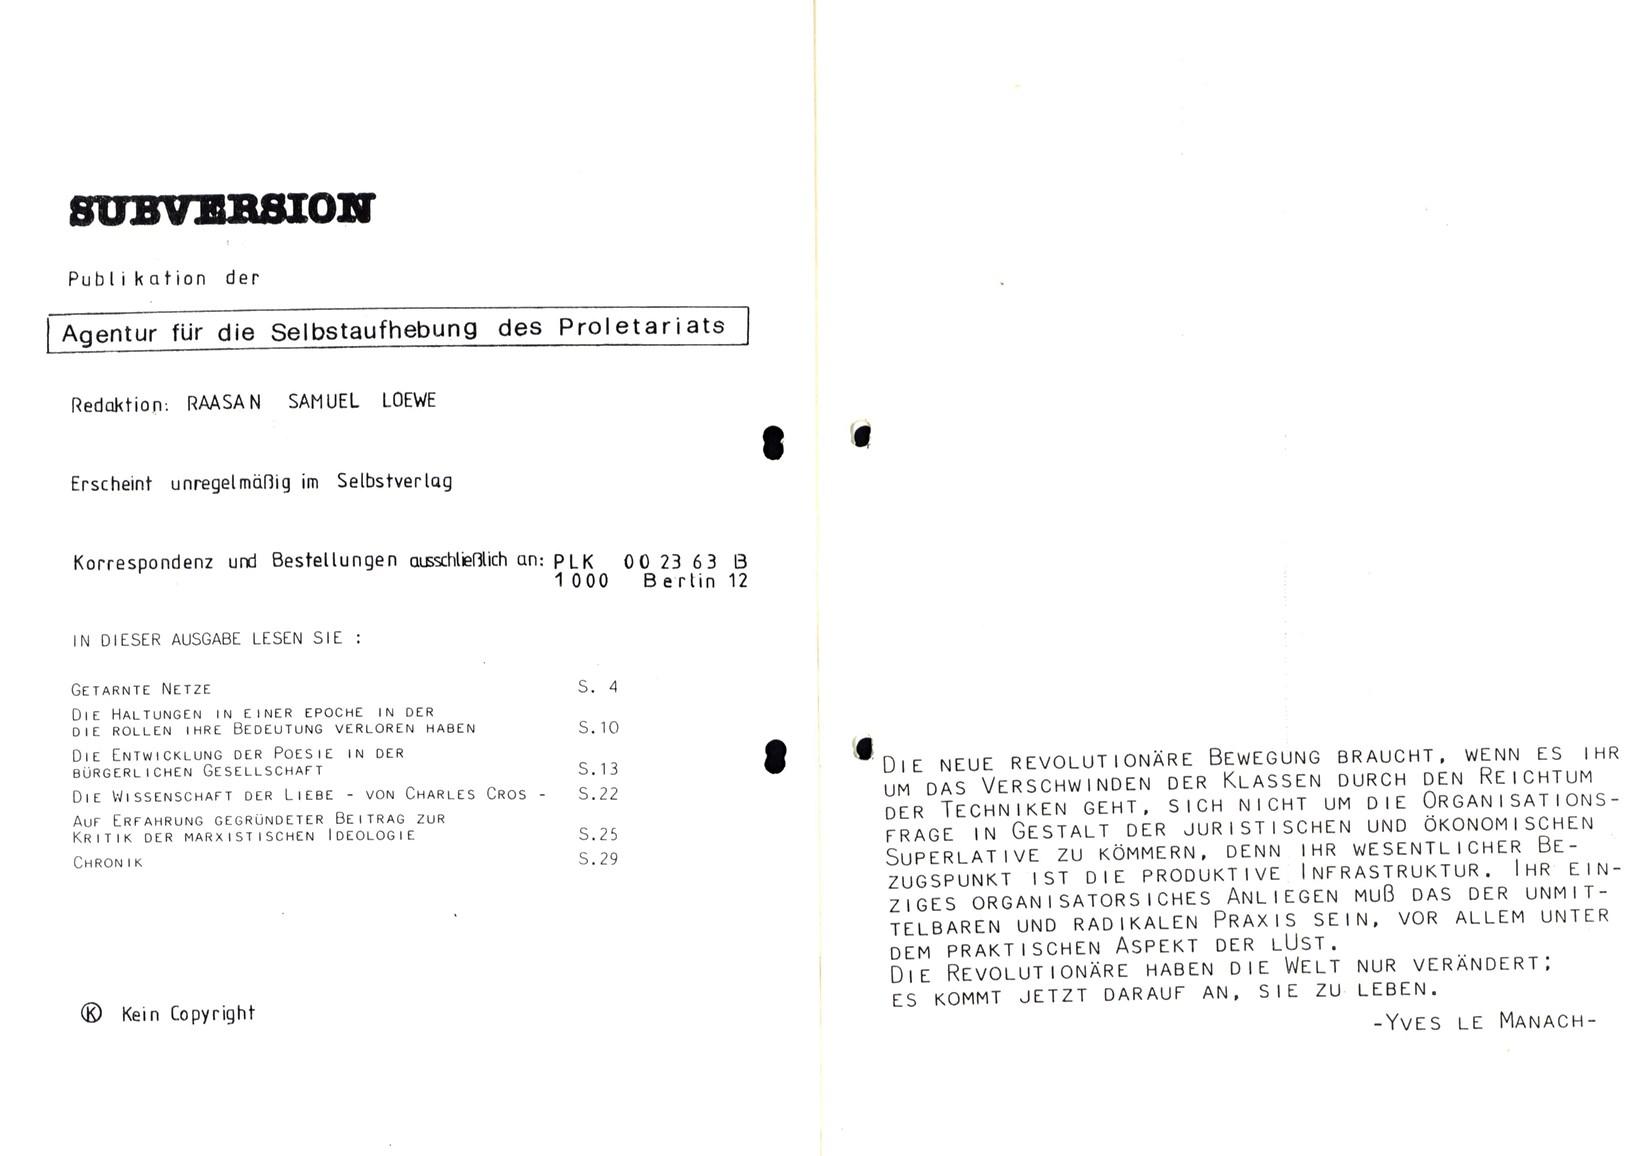 Subversion_19831200_02